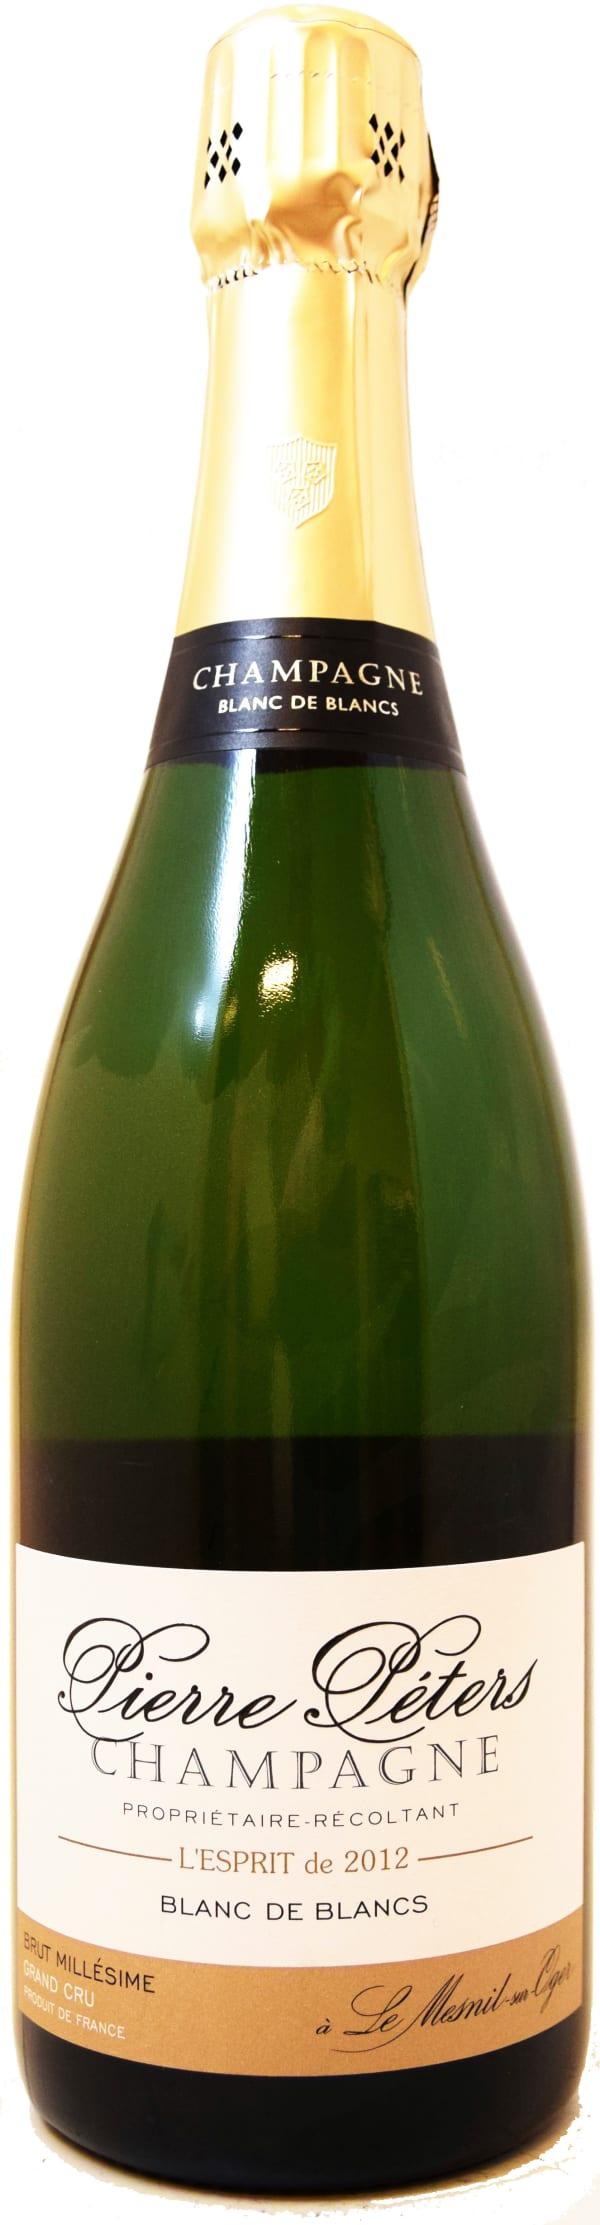 Pierre Peters Grand Cru Millésimé Champagne Brut 2013